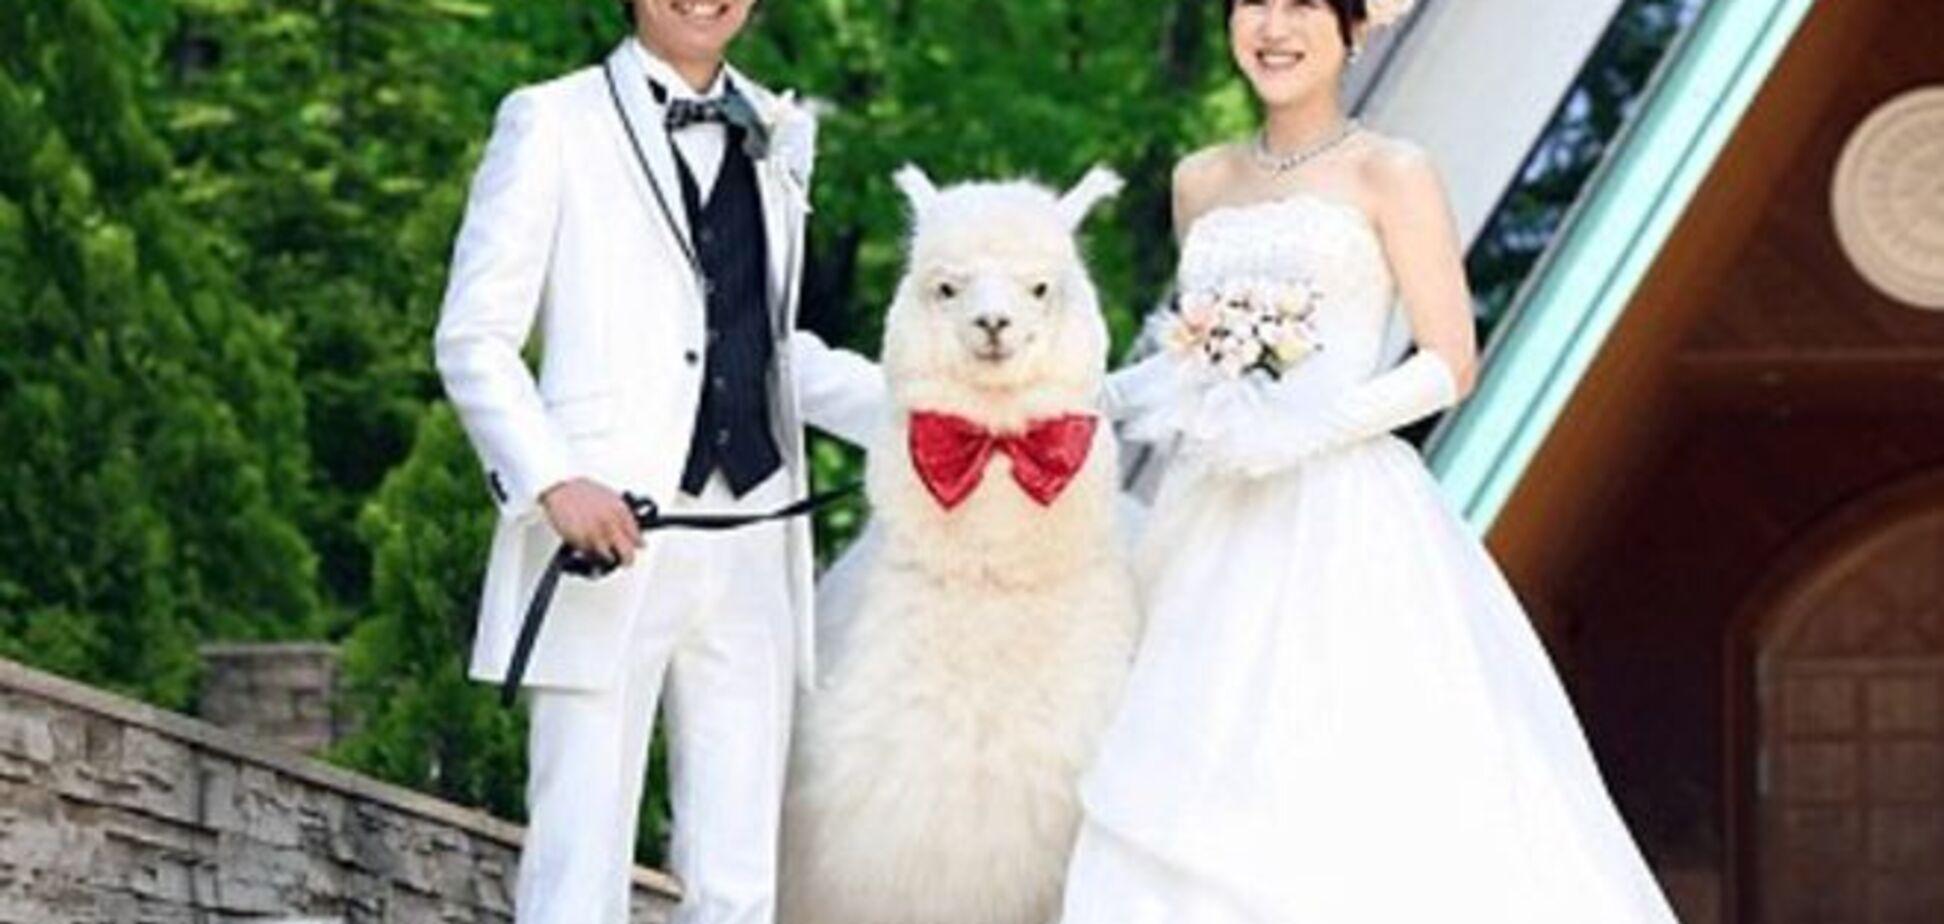 В Японии на свадьбу свидетелем приглашают… альпаку: опубликованы фото